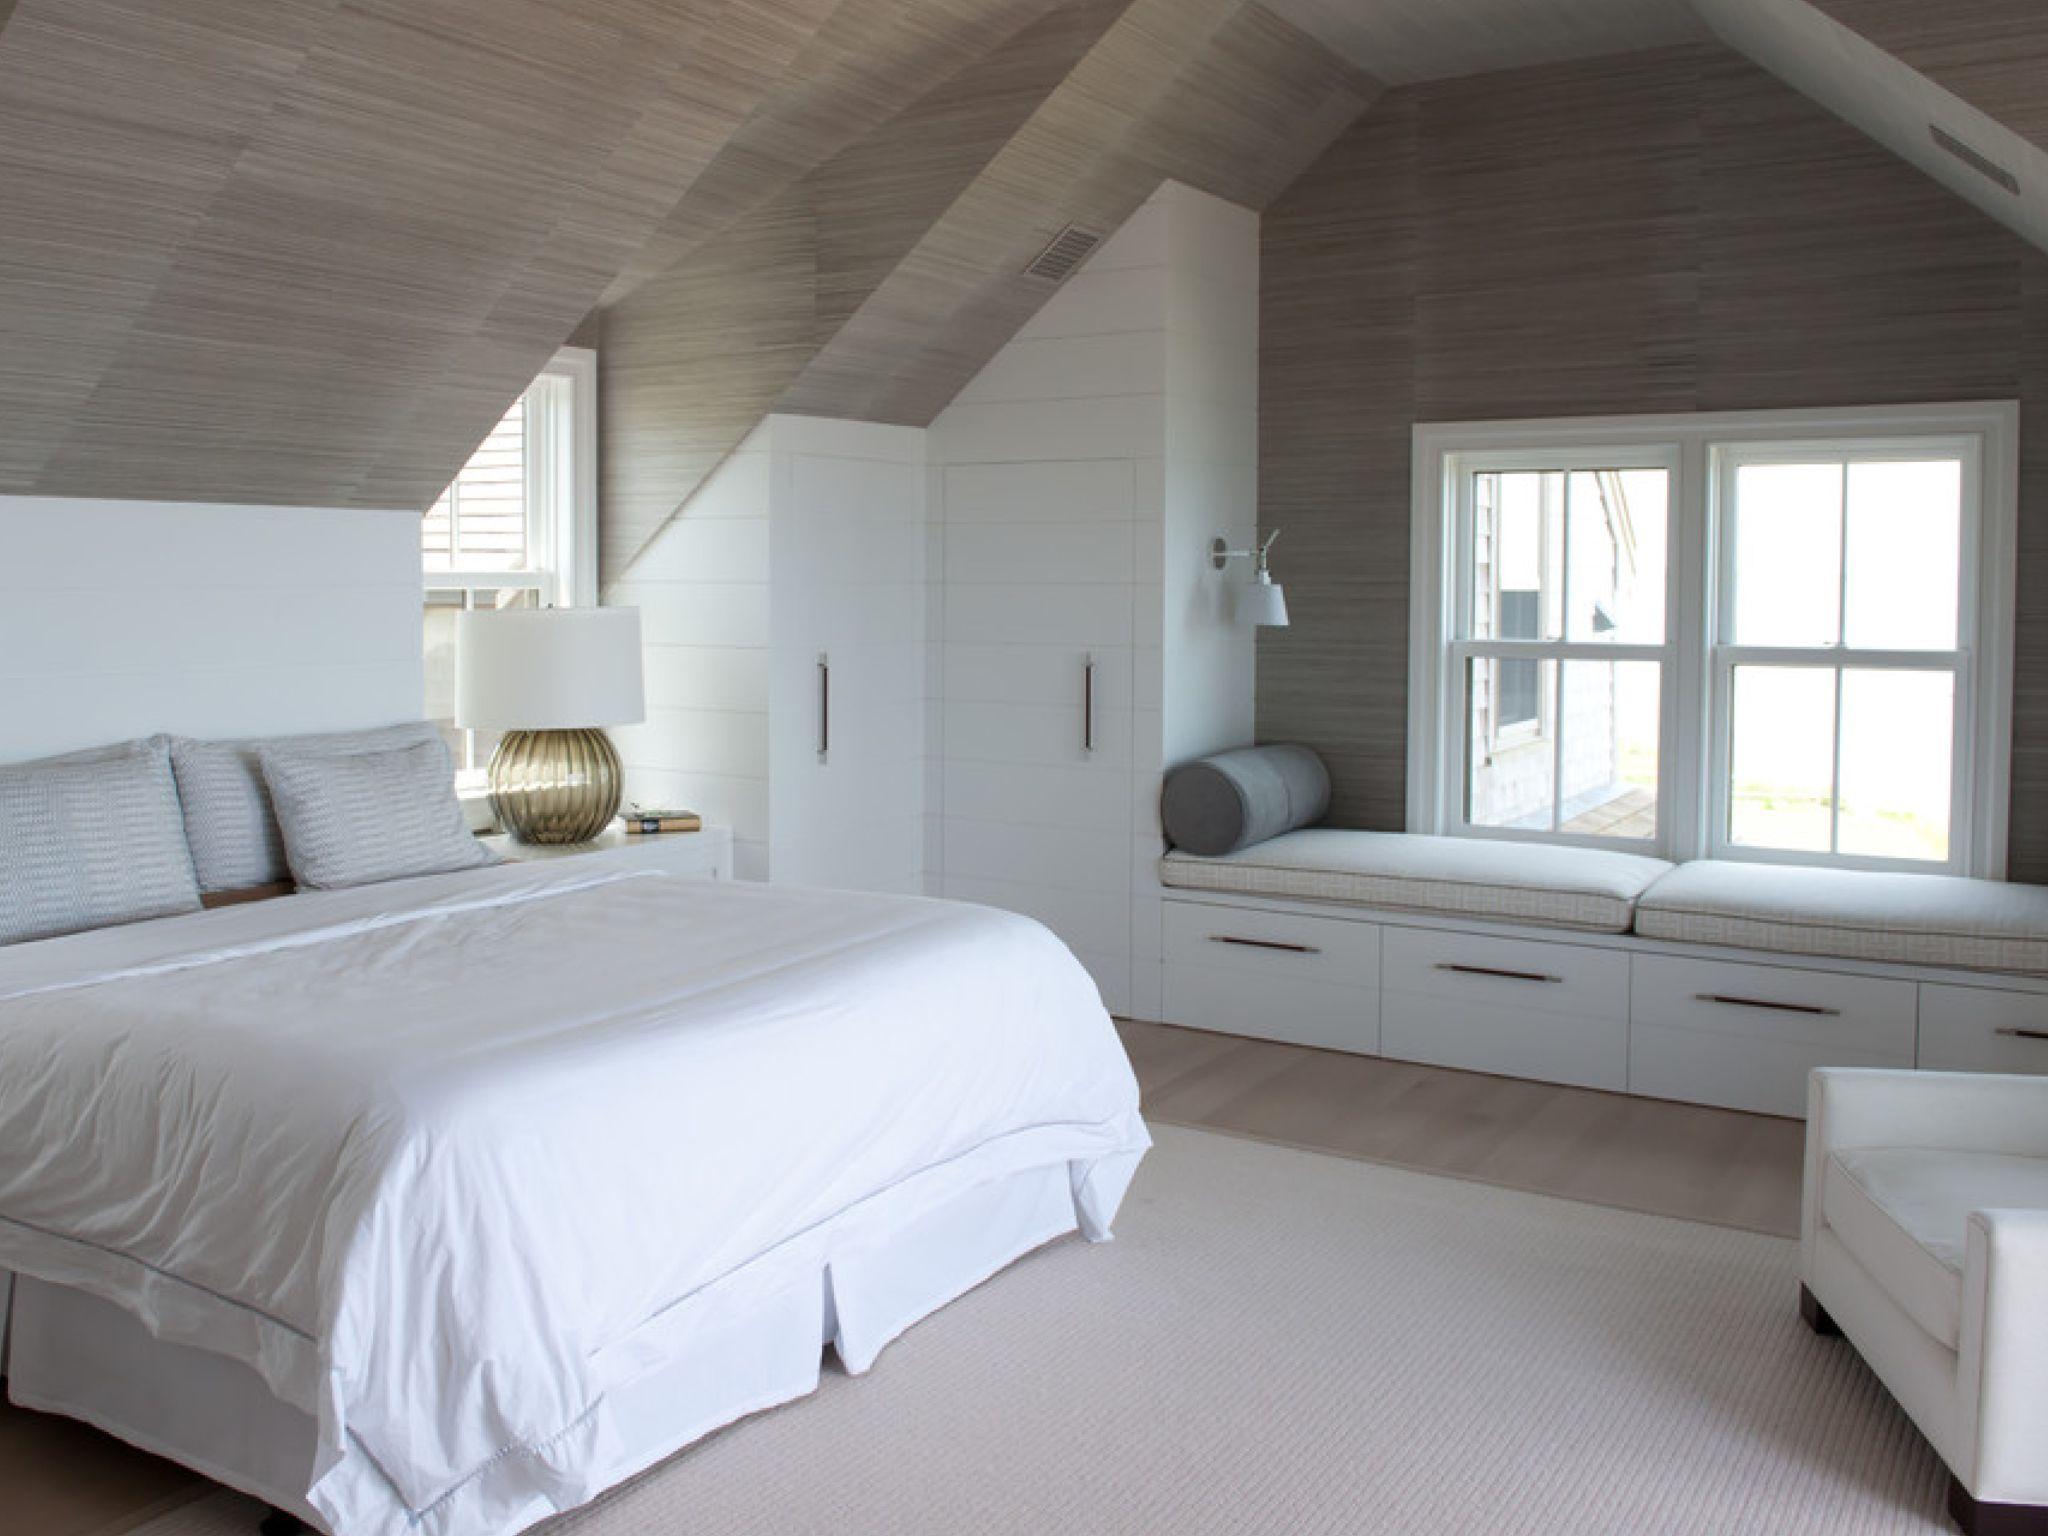 Pin by klaas on Bedrooms  Sloped ceiling bedroom, Loft room